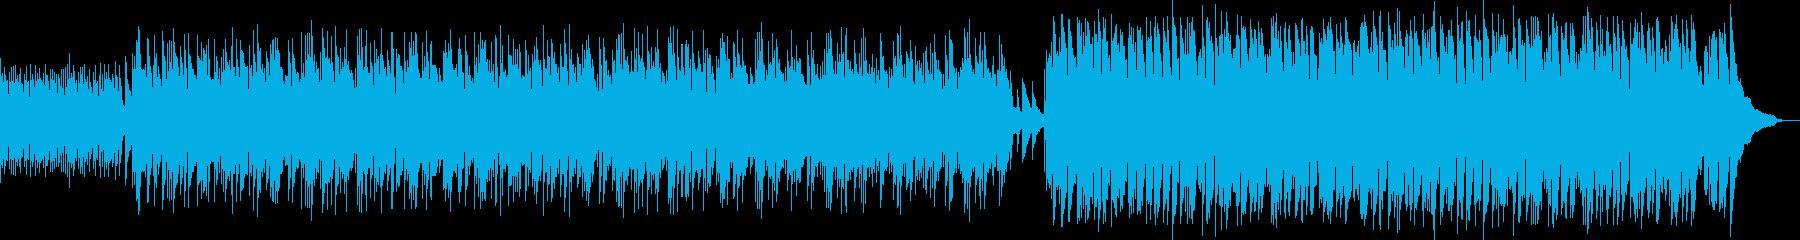 軽快なボサノバの再生済みの波形